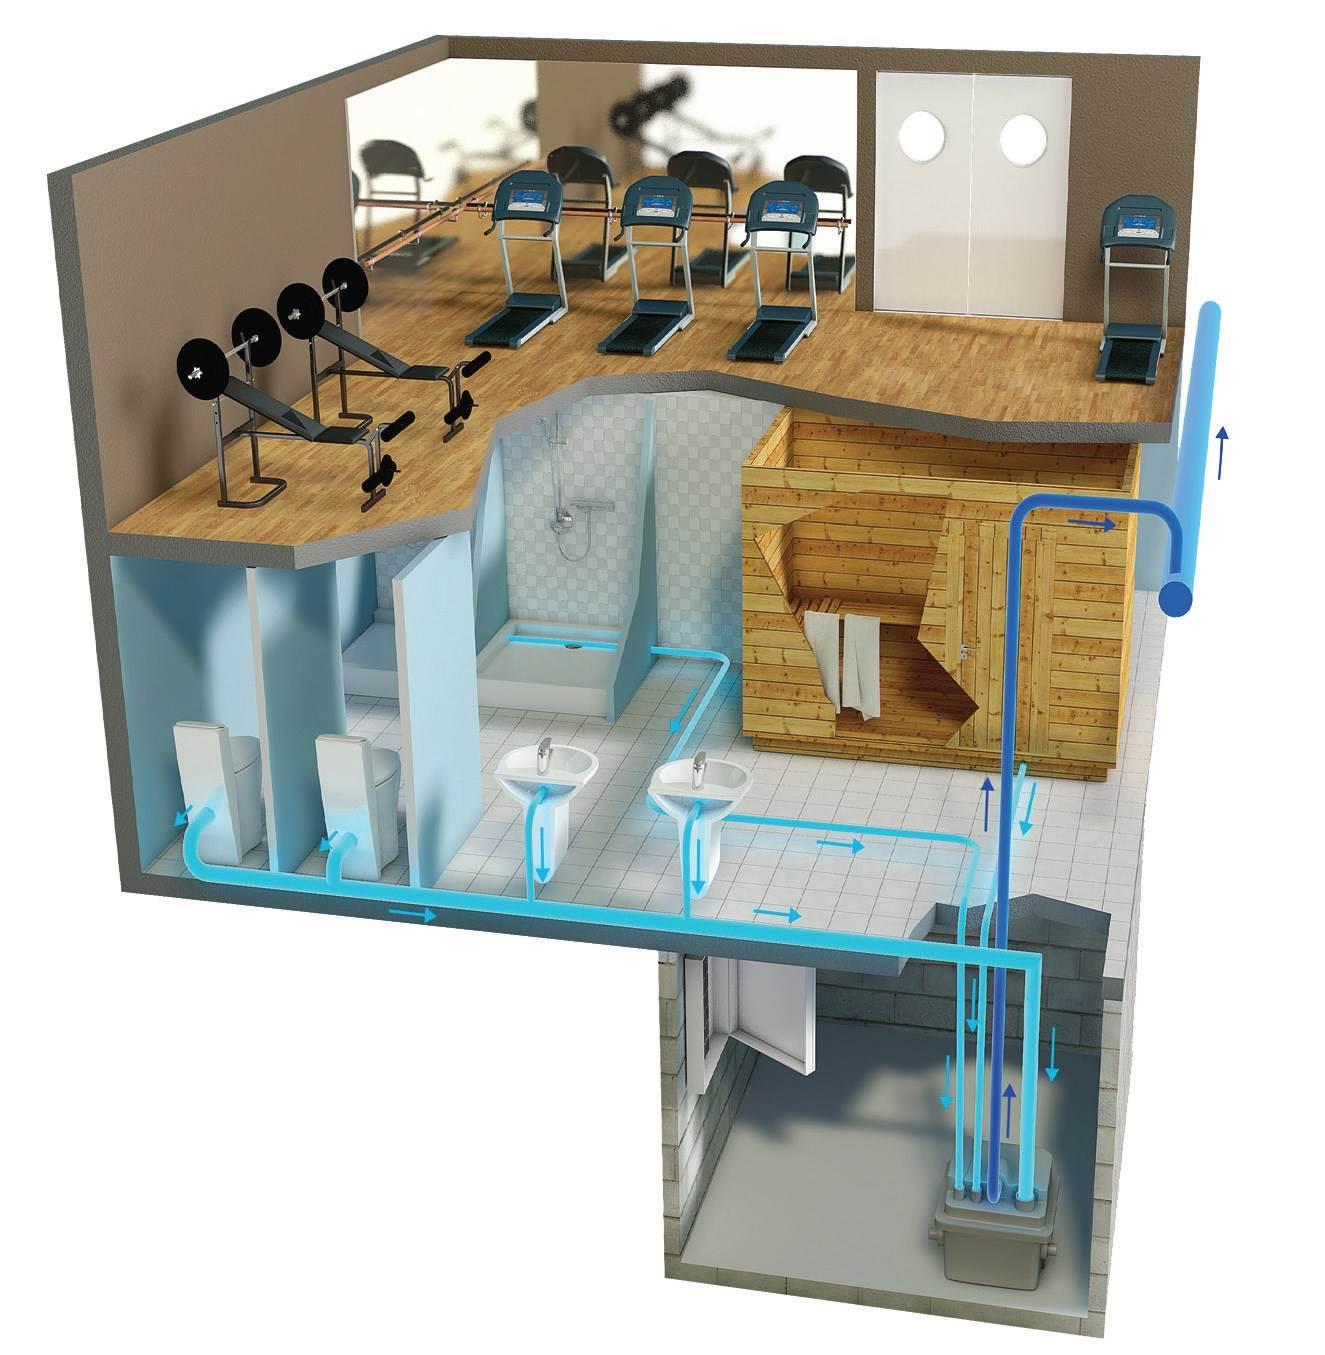 Fot. 3. Przykład zastosowania pompy SANICUBIC 2 CLASSIC – siłownia i sauna.